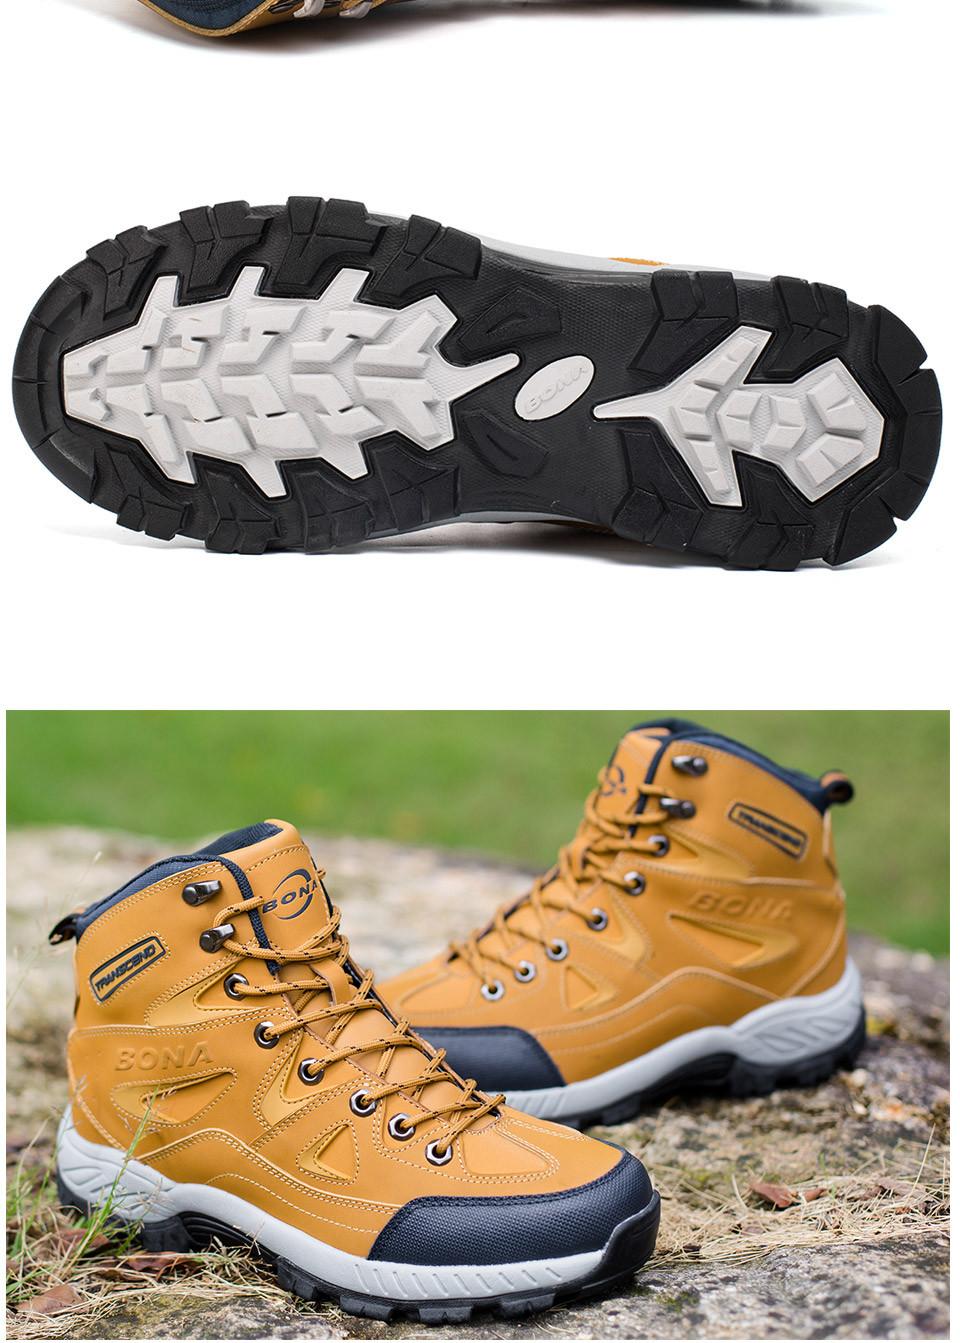 BONA Men Hiking Shoes Anti-Slip 10